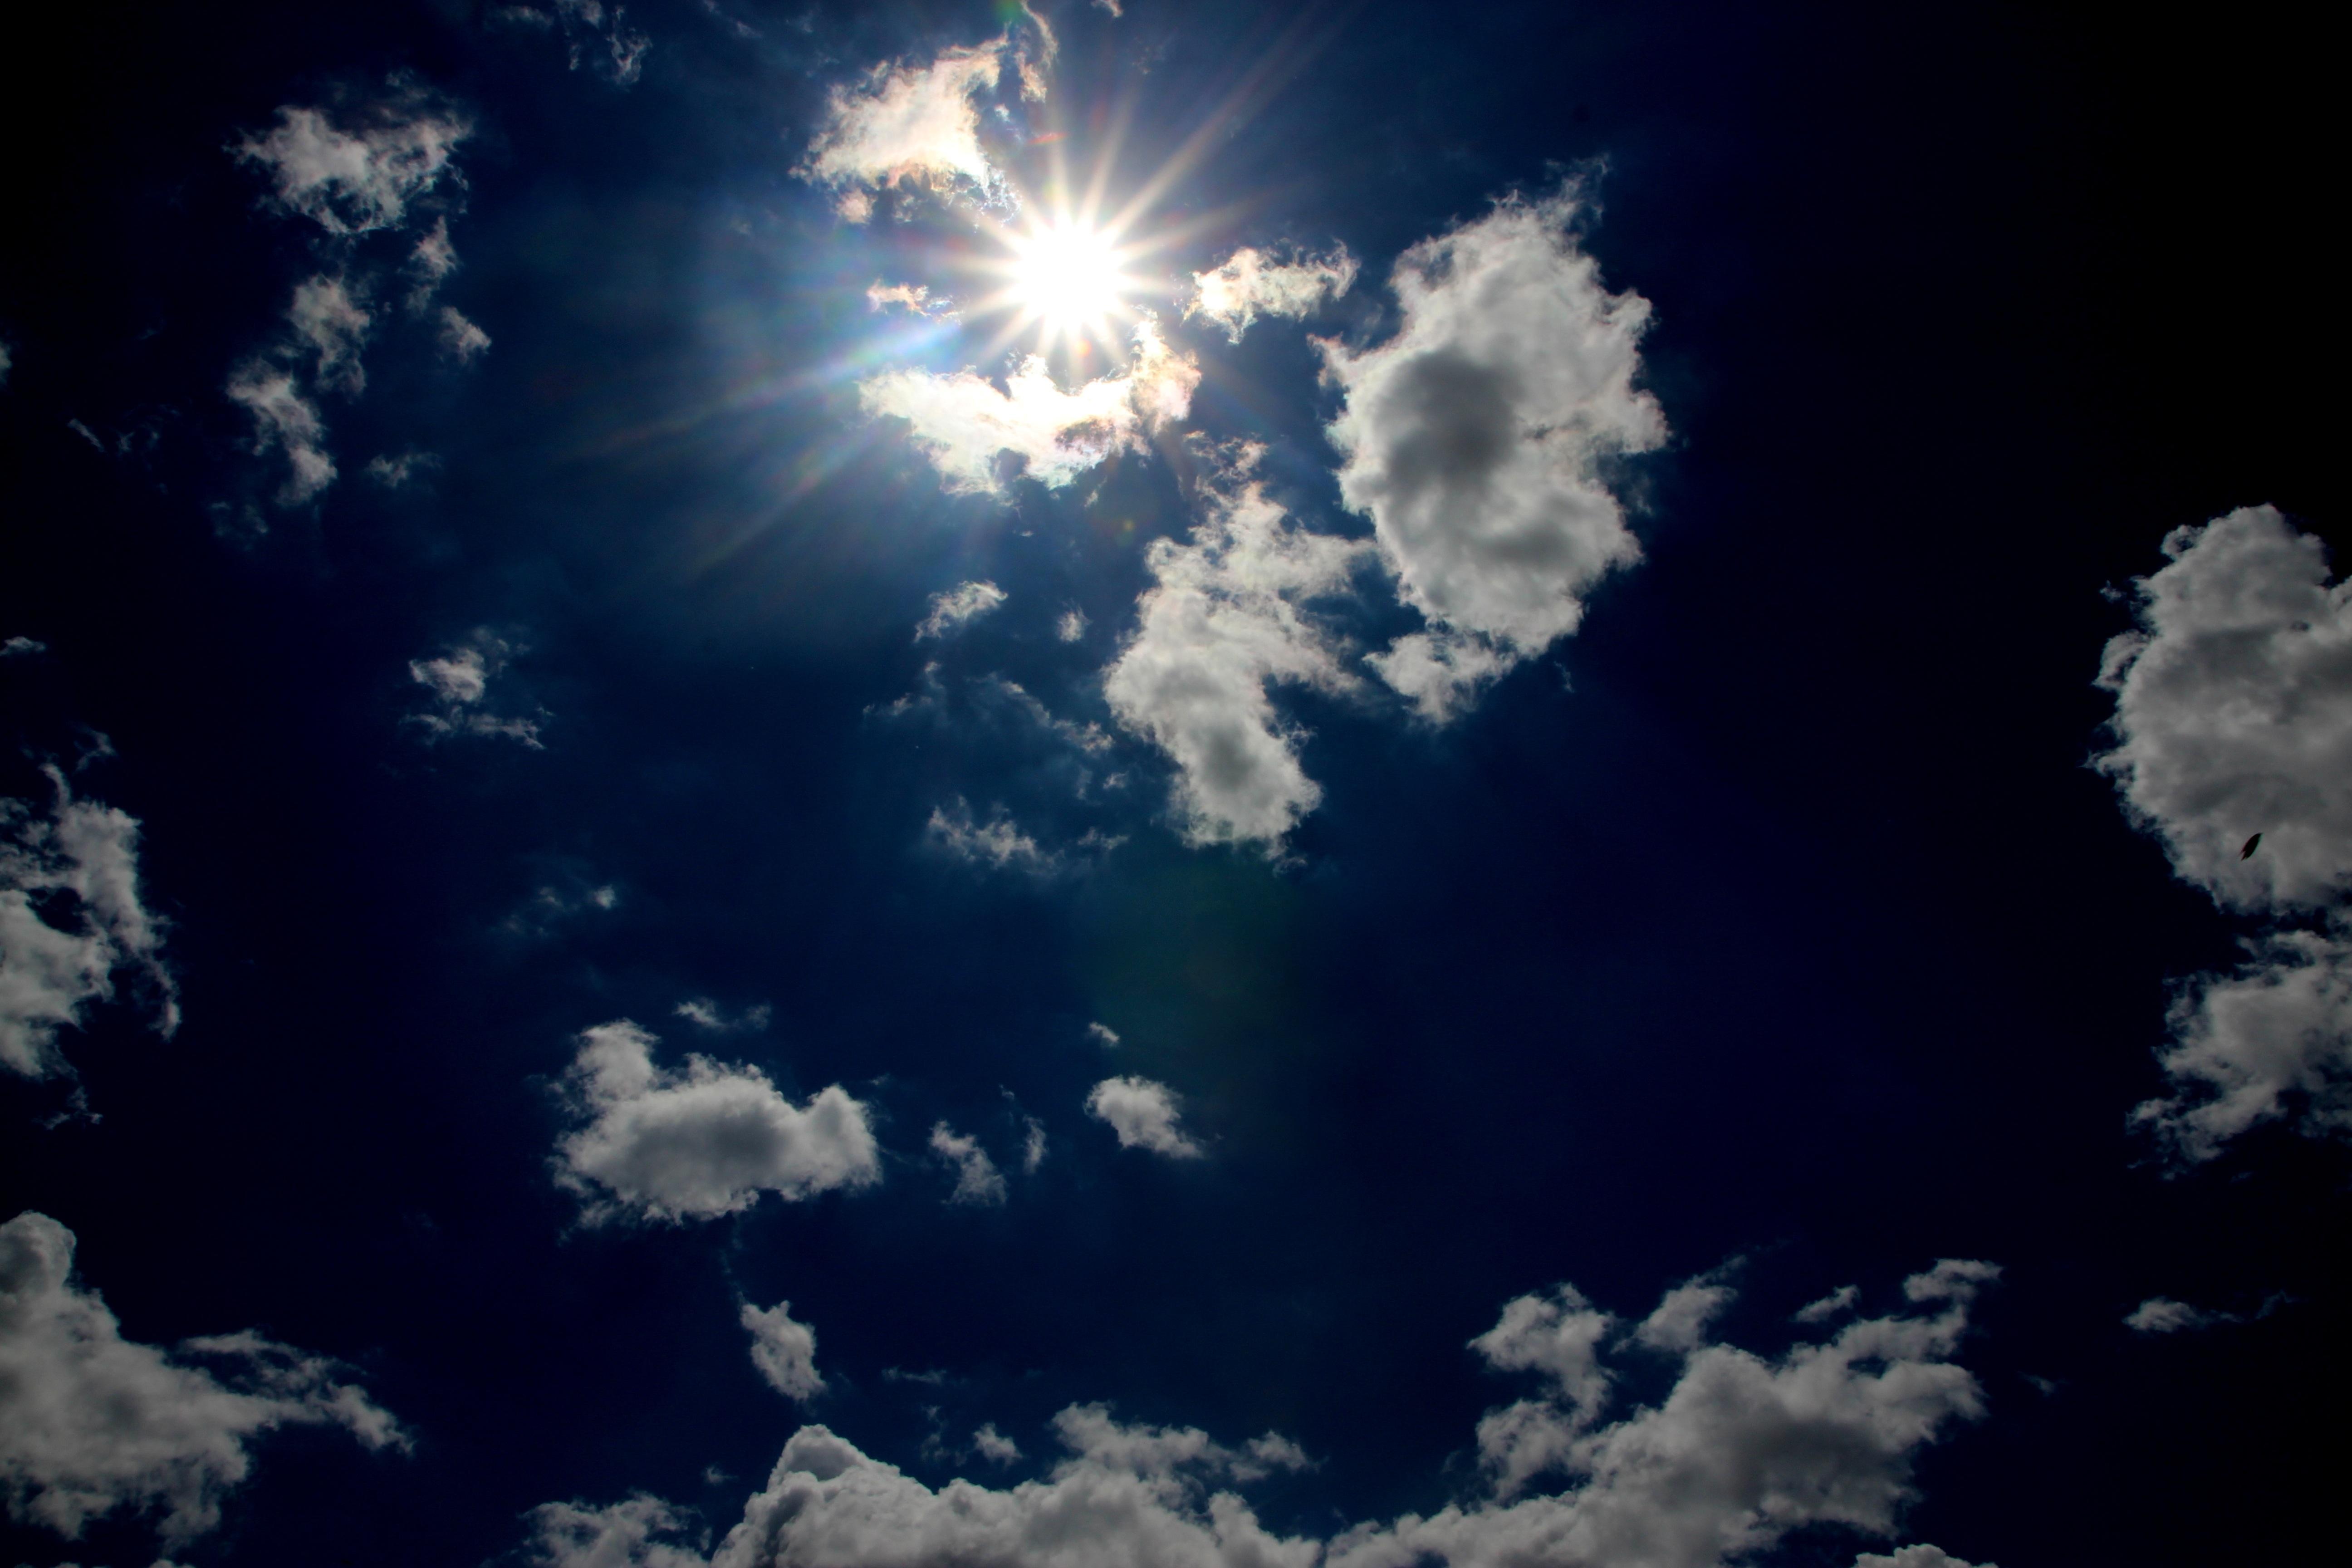 небесные фотографии и картинки скрывает